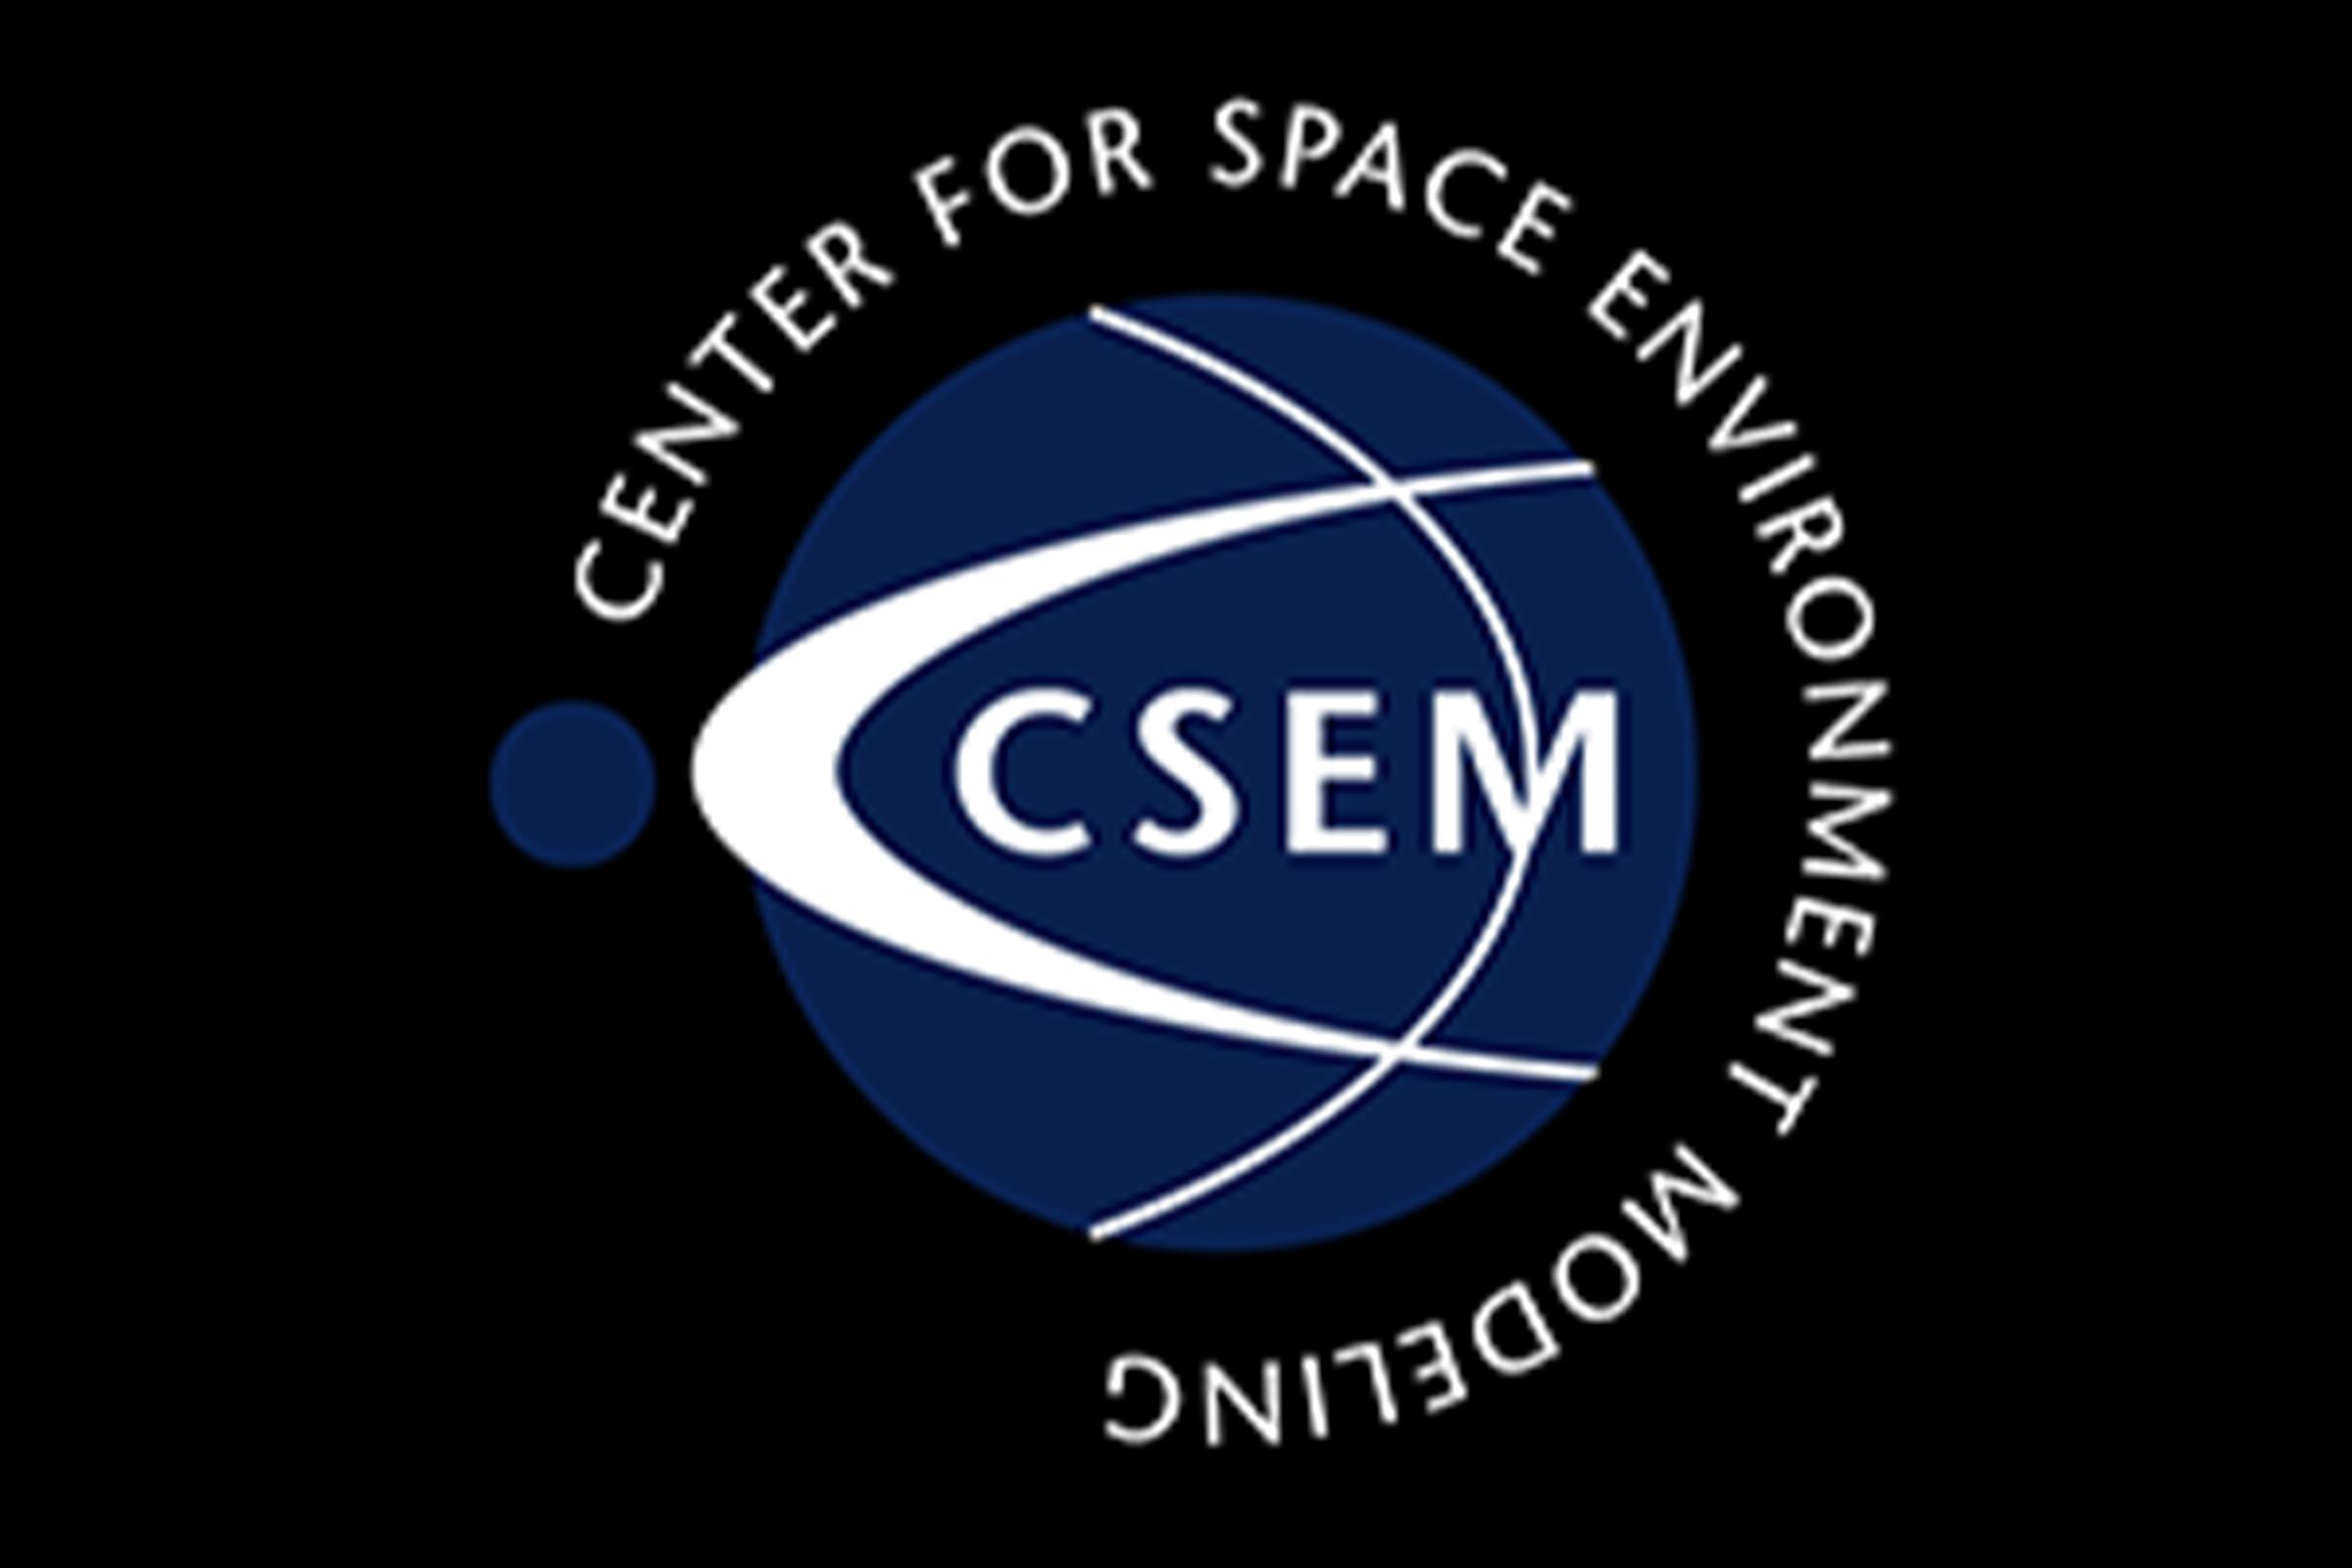 CSEM Kennedy Award